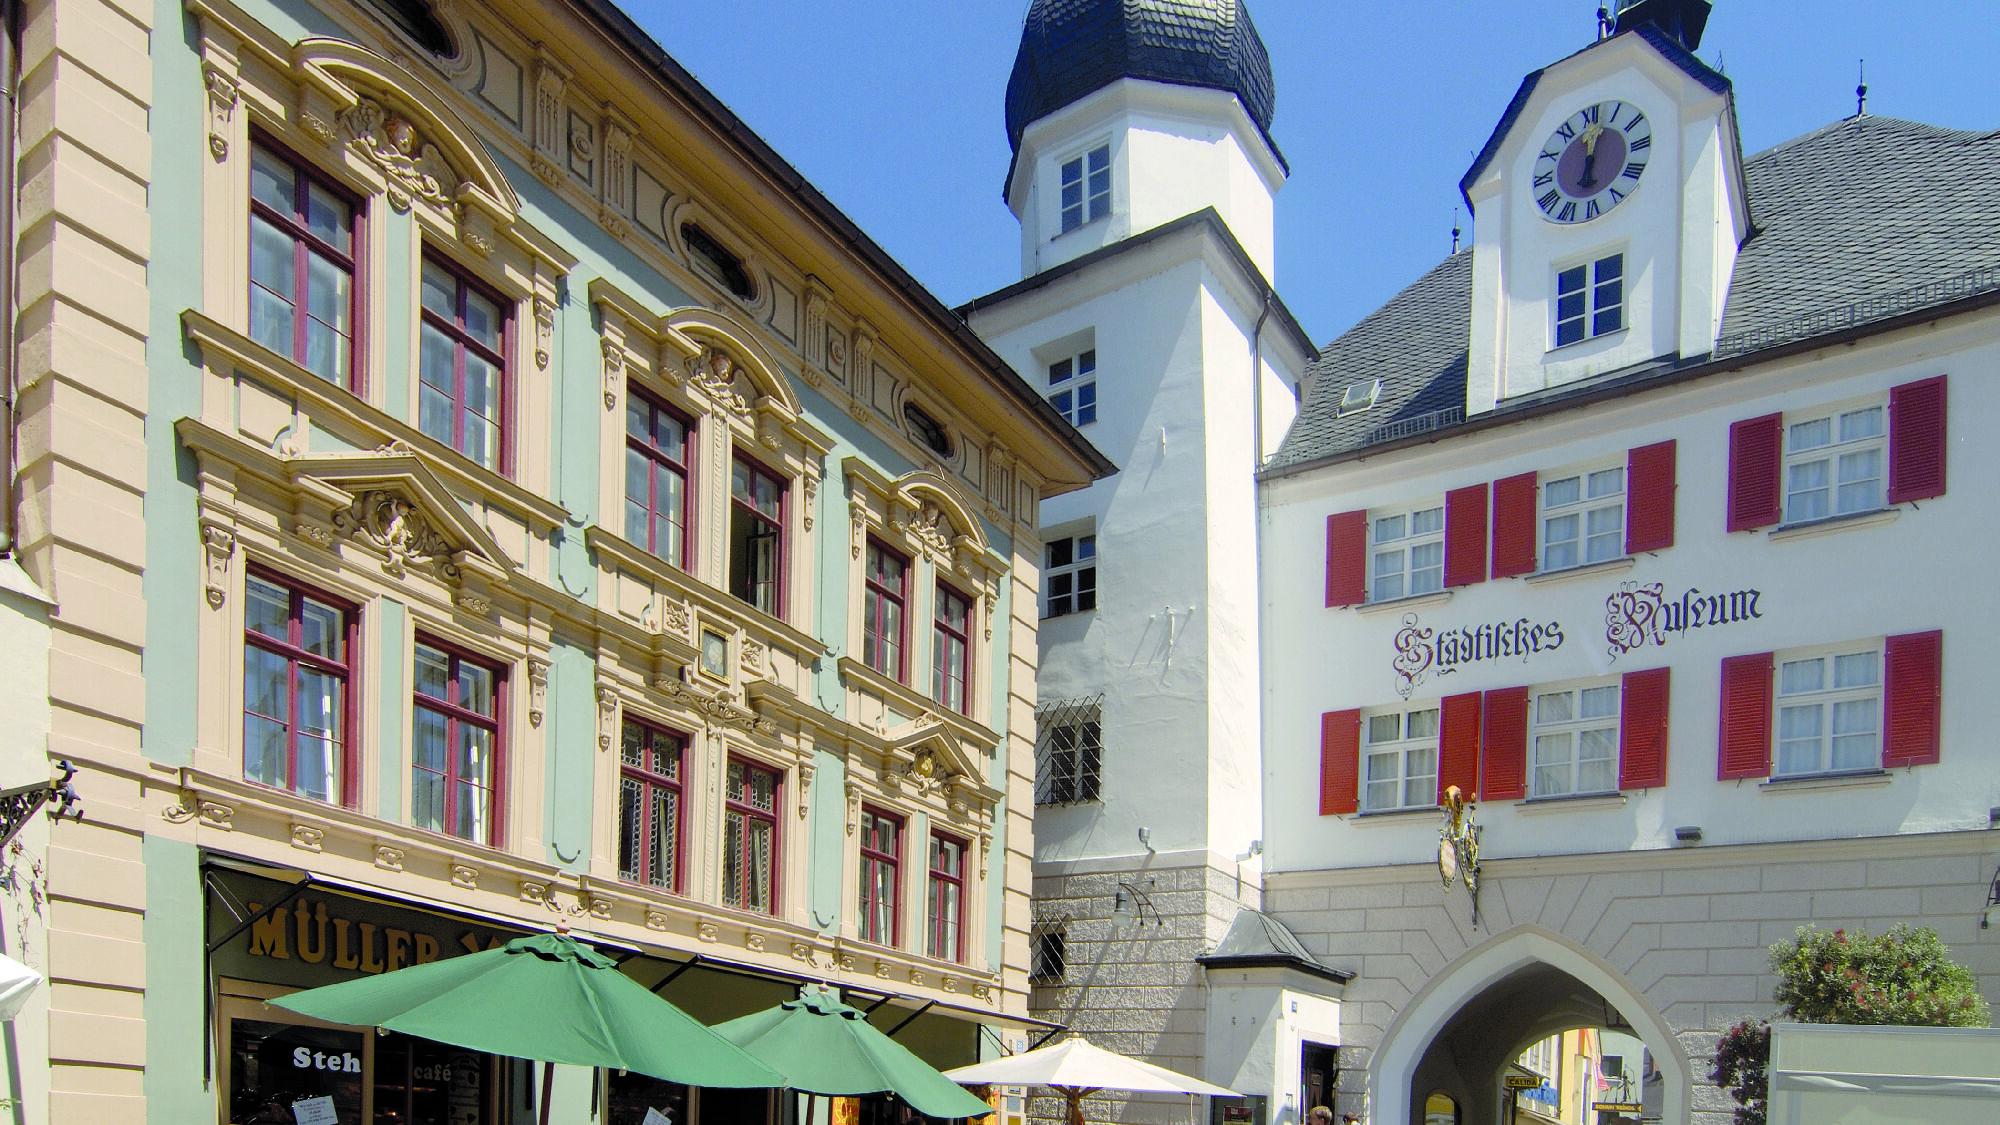 Blick auf das Mittertor in Rosenheim